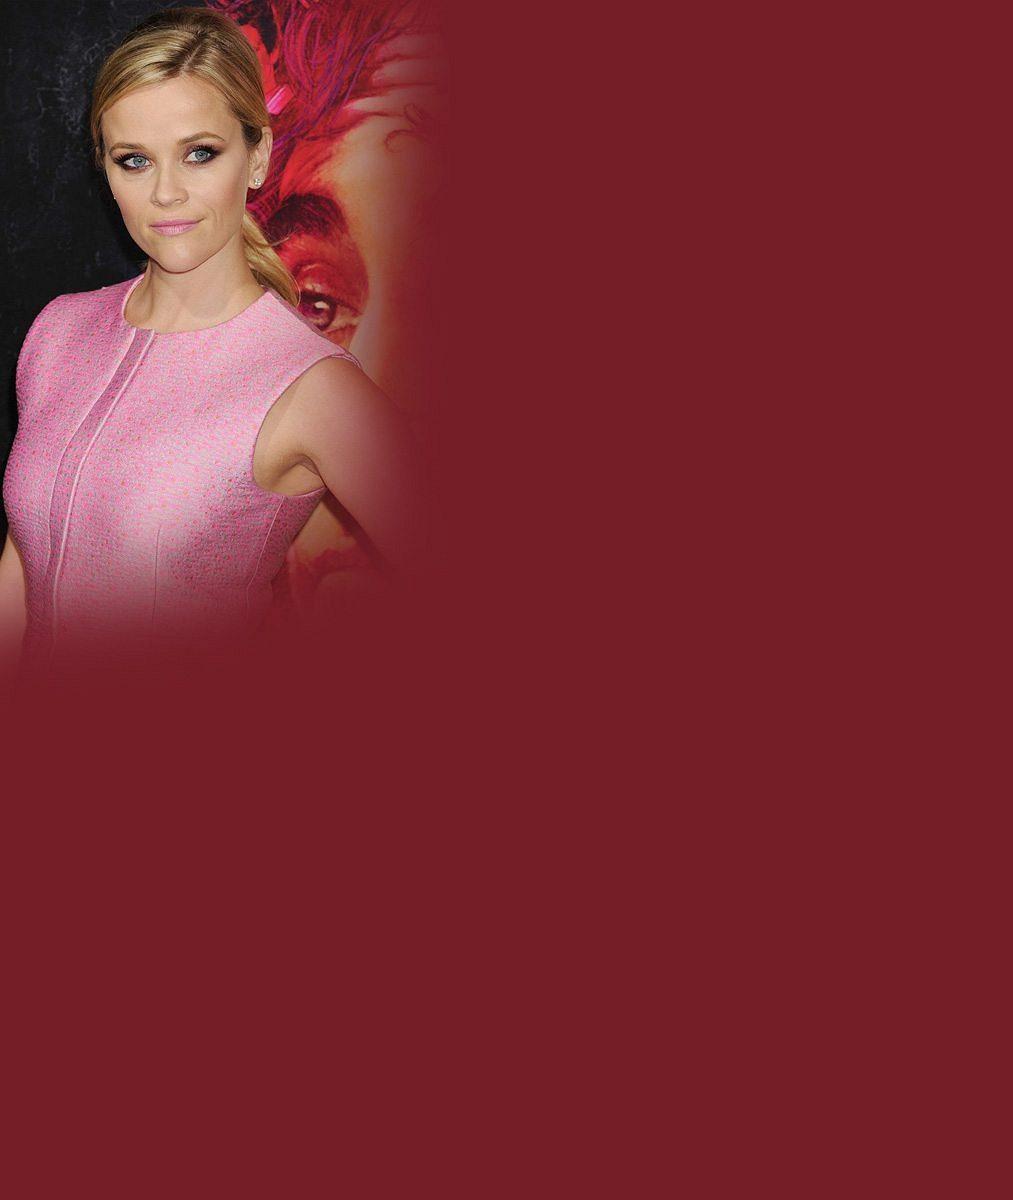 Pravou blondýnkou na věčné časy: Reese Witherspoon vypadá v růžových šatech jako dokonalá panenka i se čtyřicítkou na krku